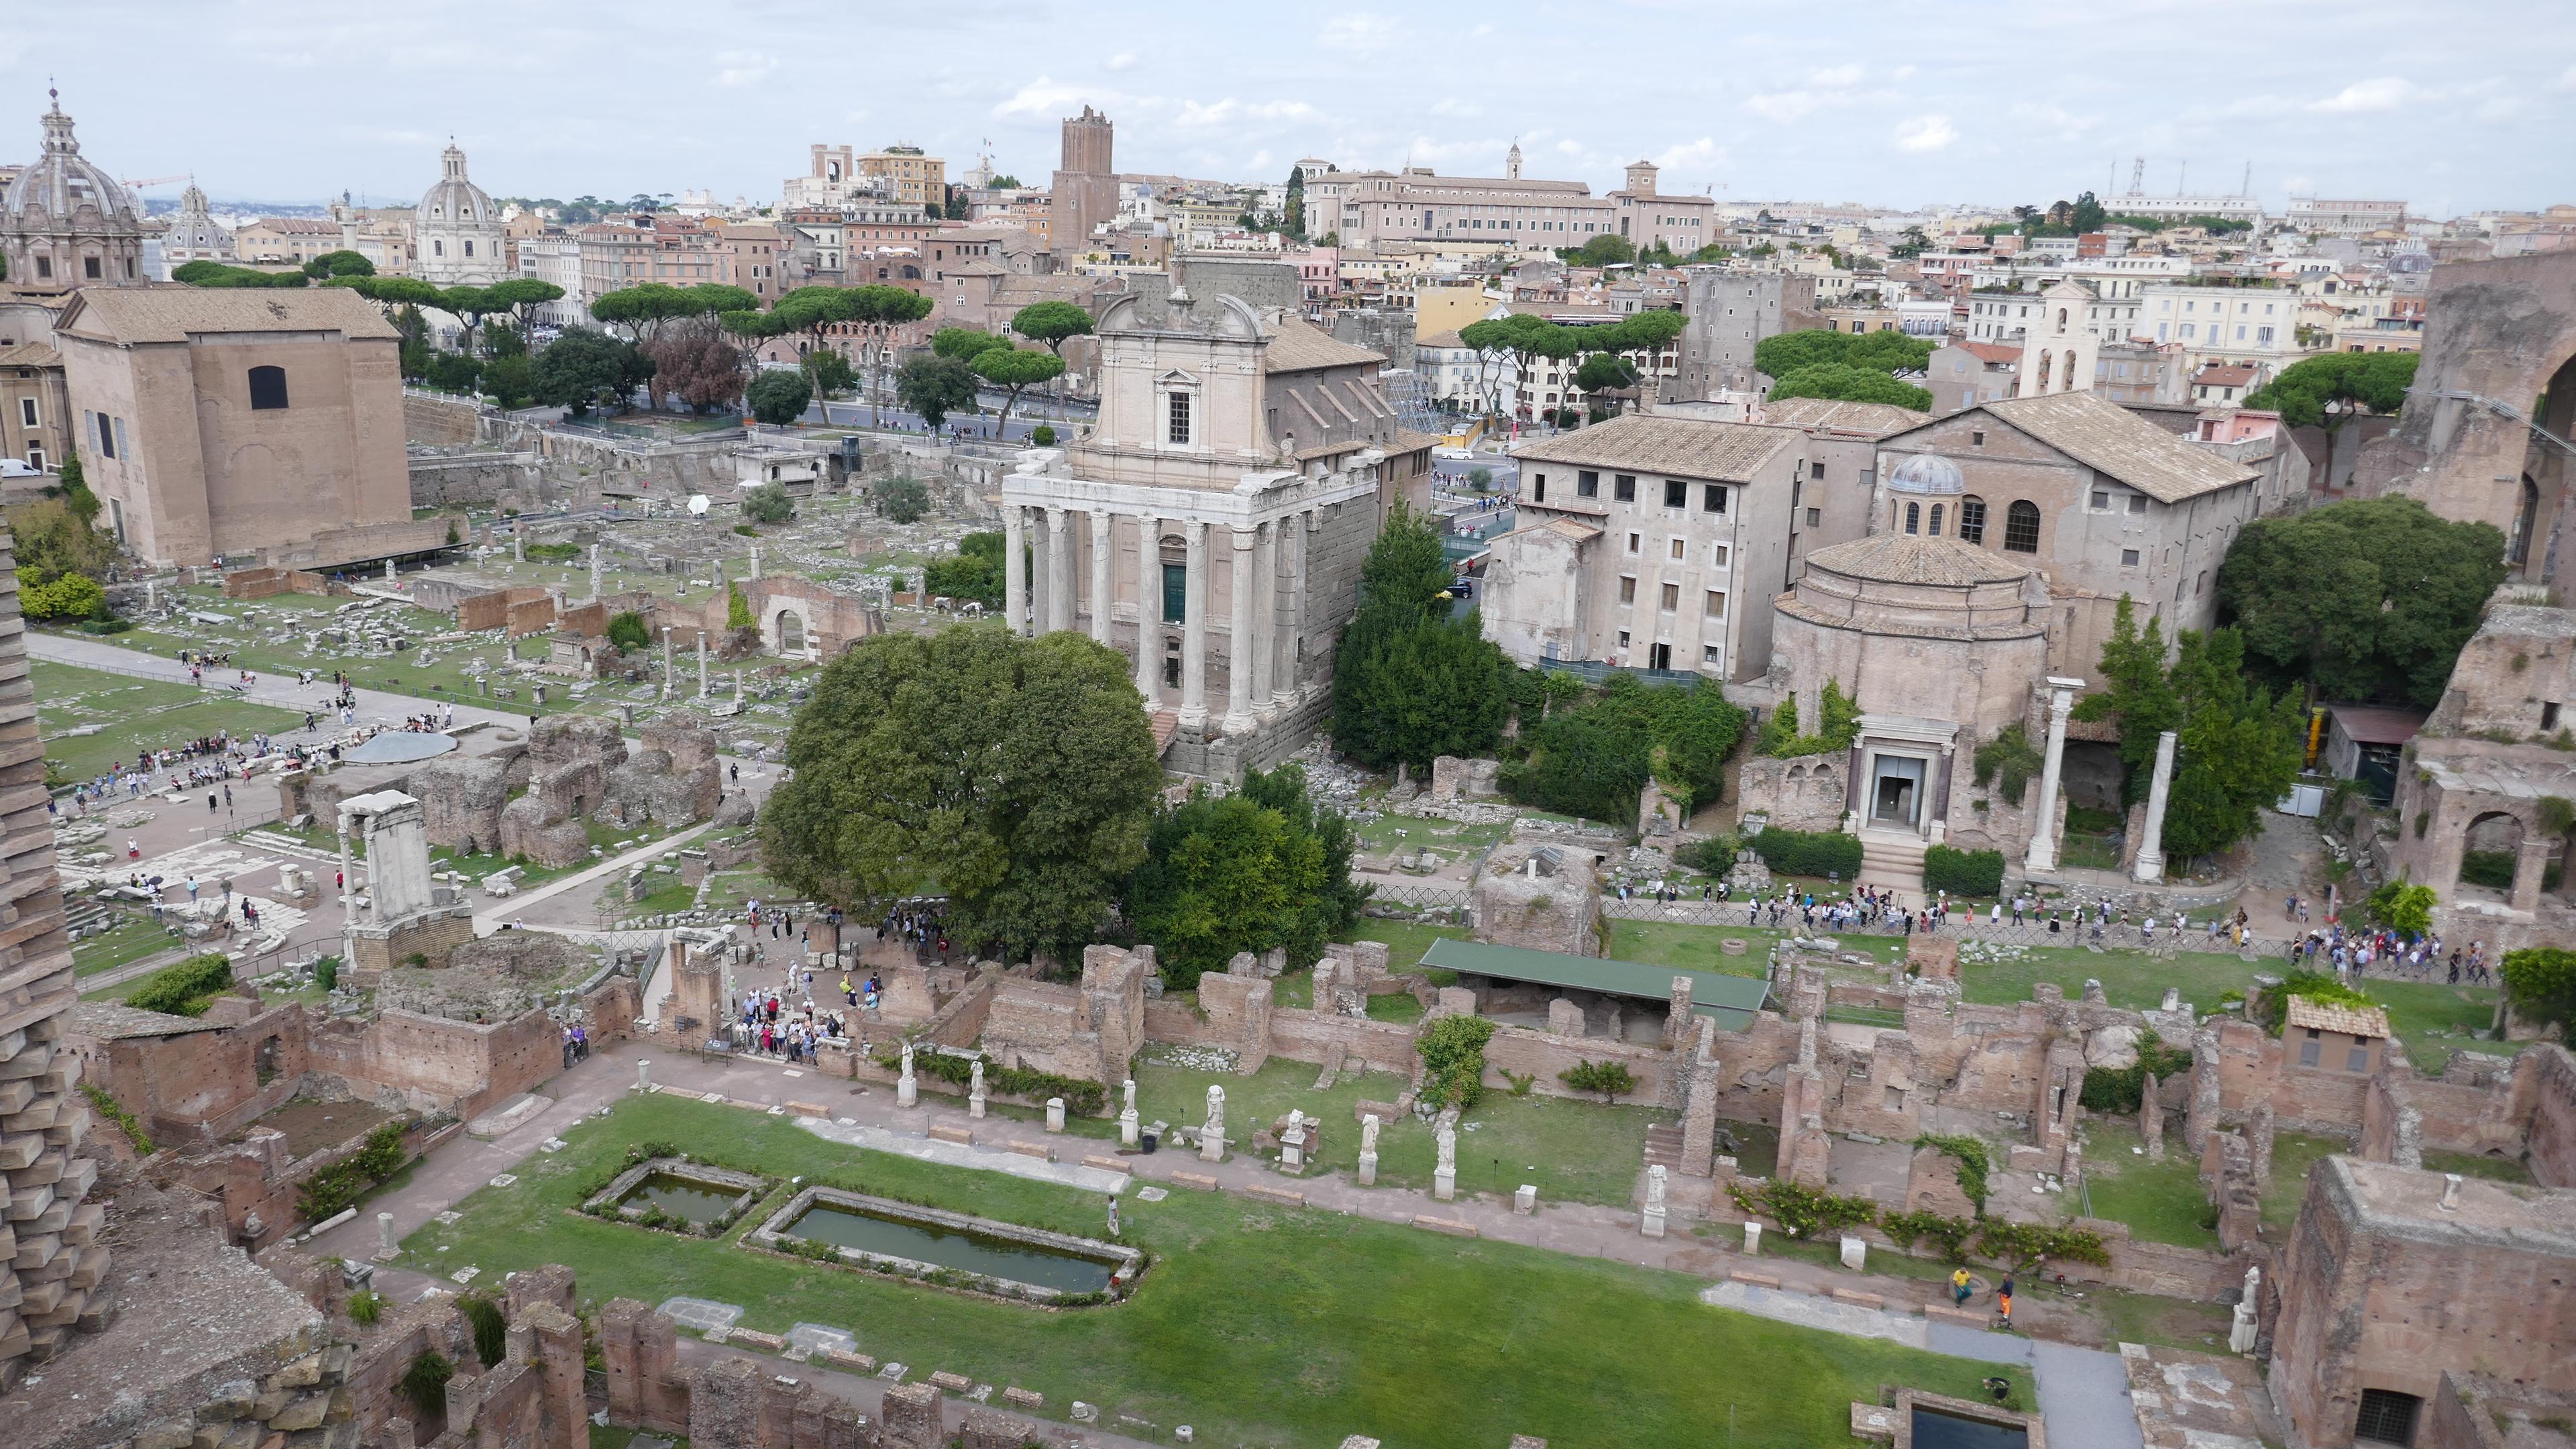 Rome by campervan